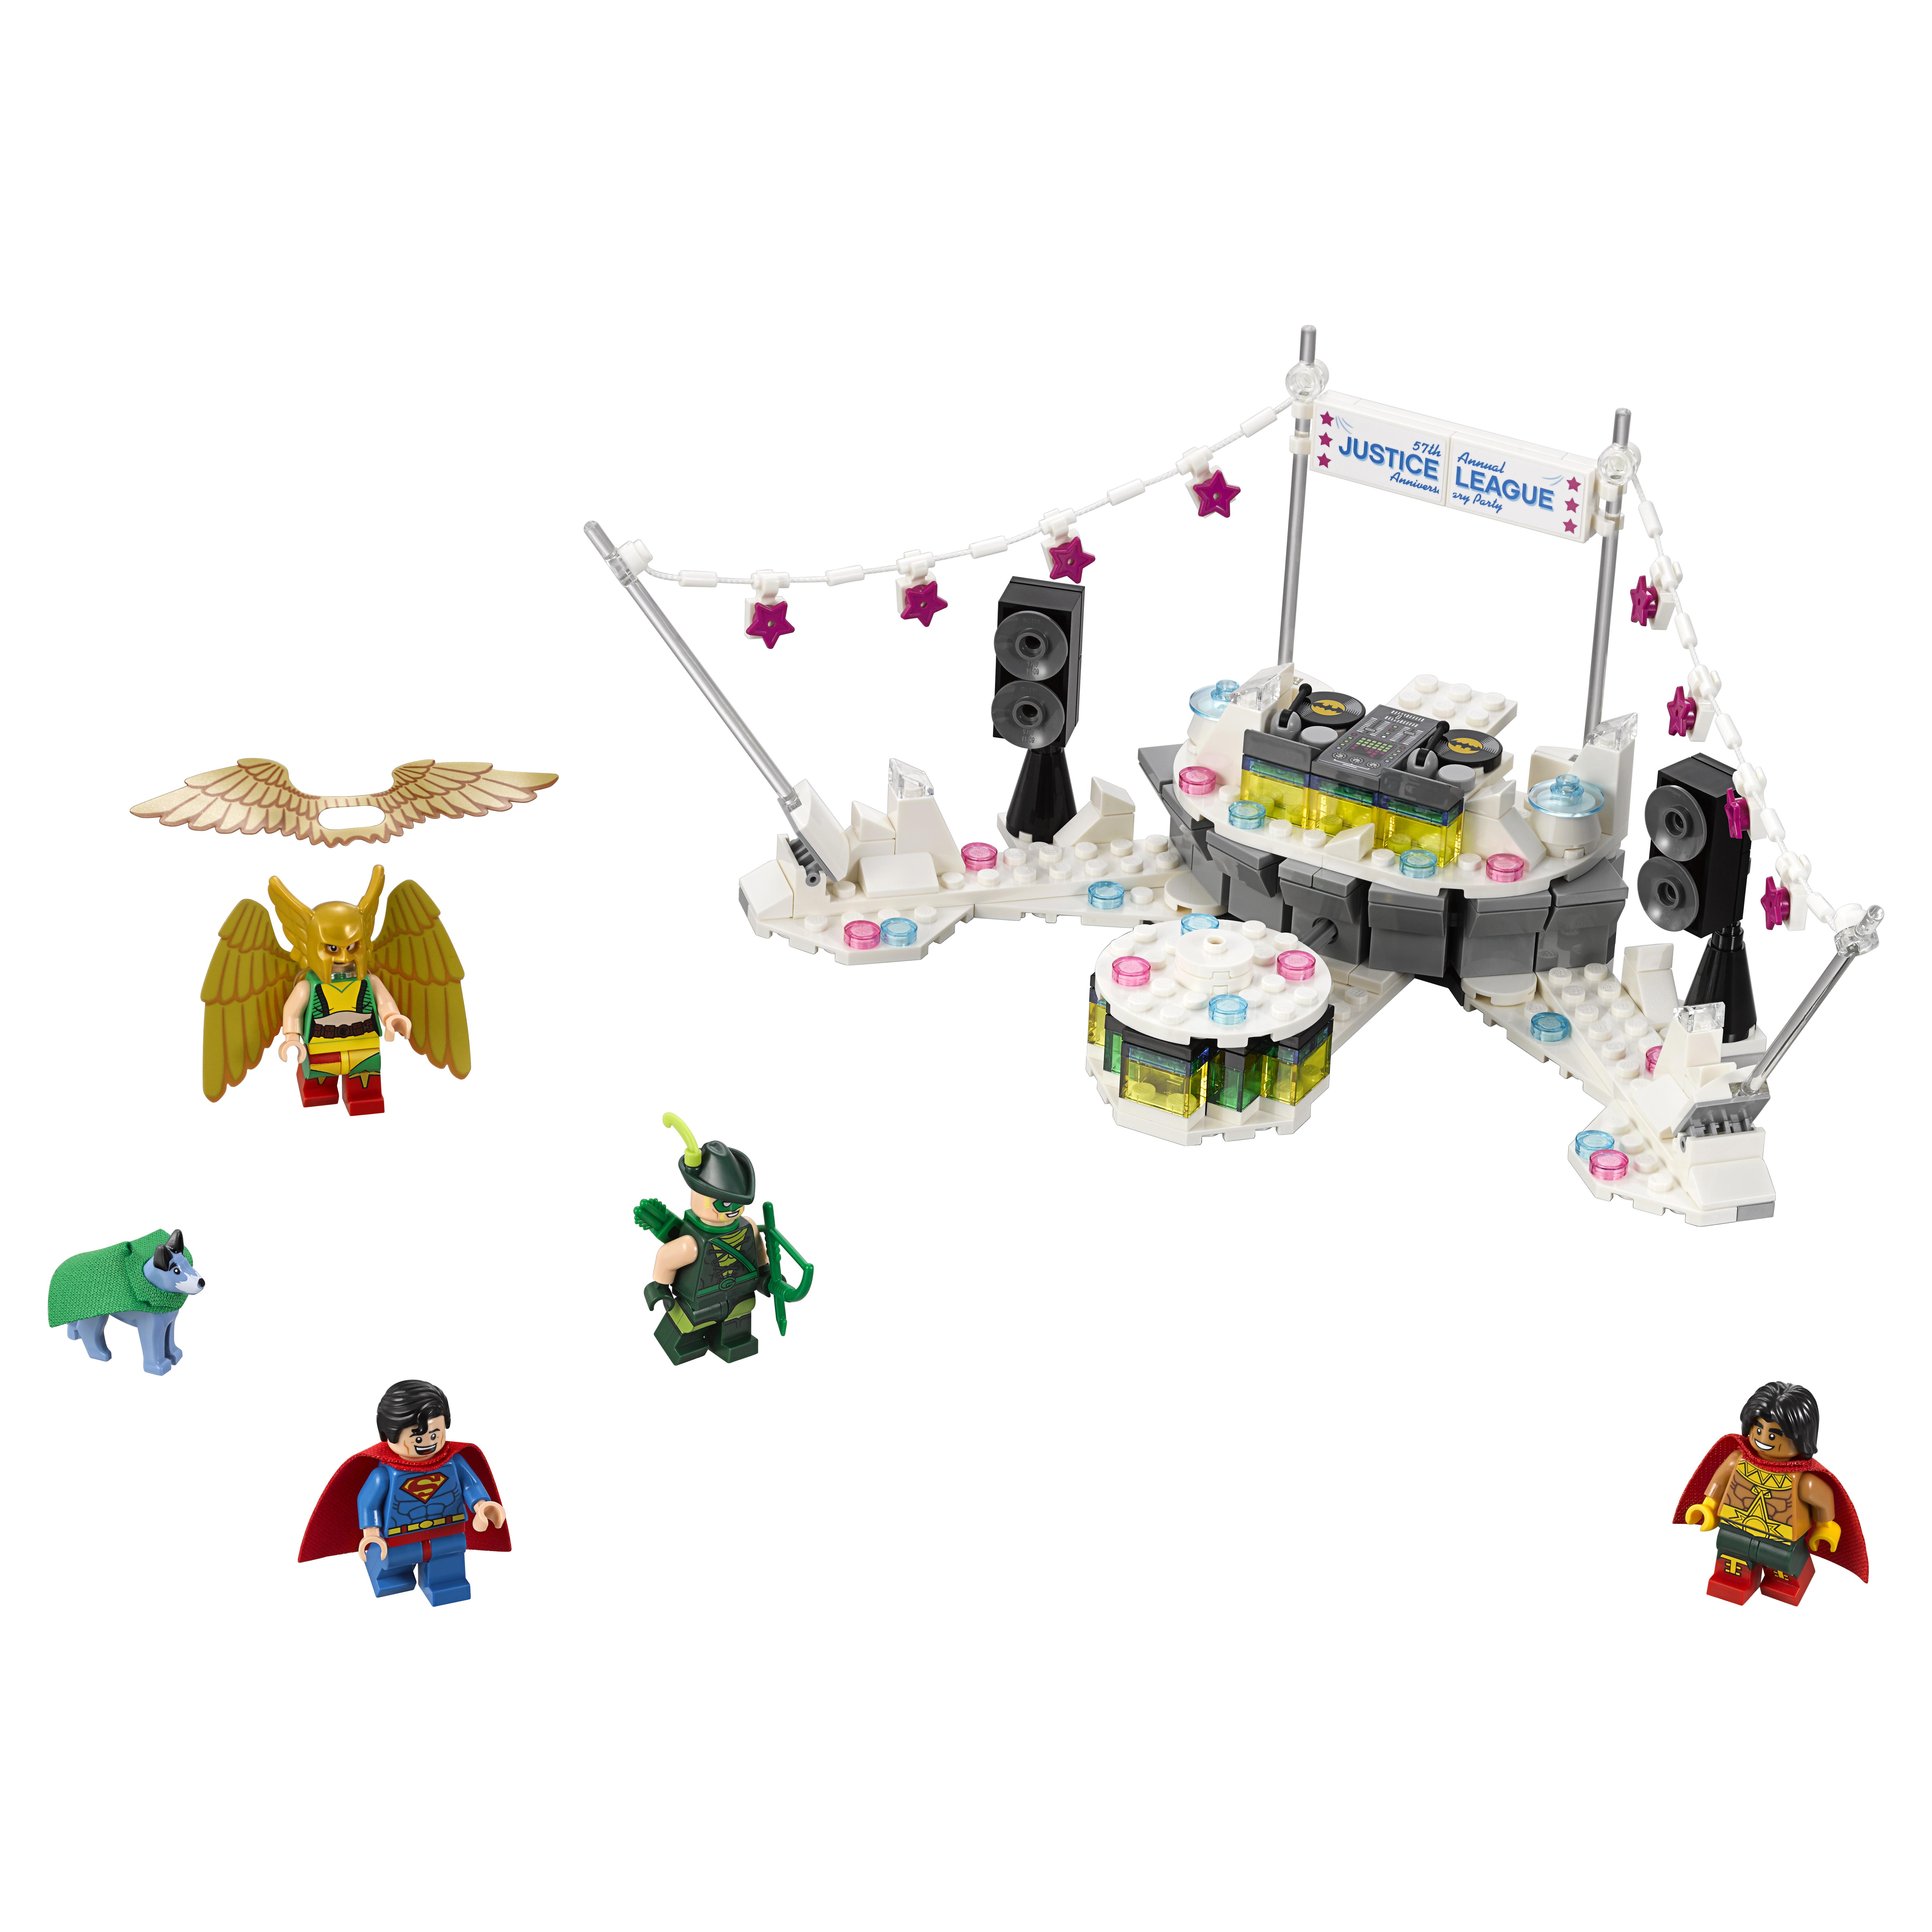 Купить Конструктор lego batman movie вечеринка лиги справедливости (70919), Конструктор LEGO Batman Movie Вечеринка Лиги Справедливости (70919)